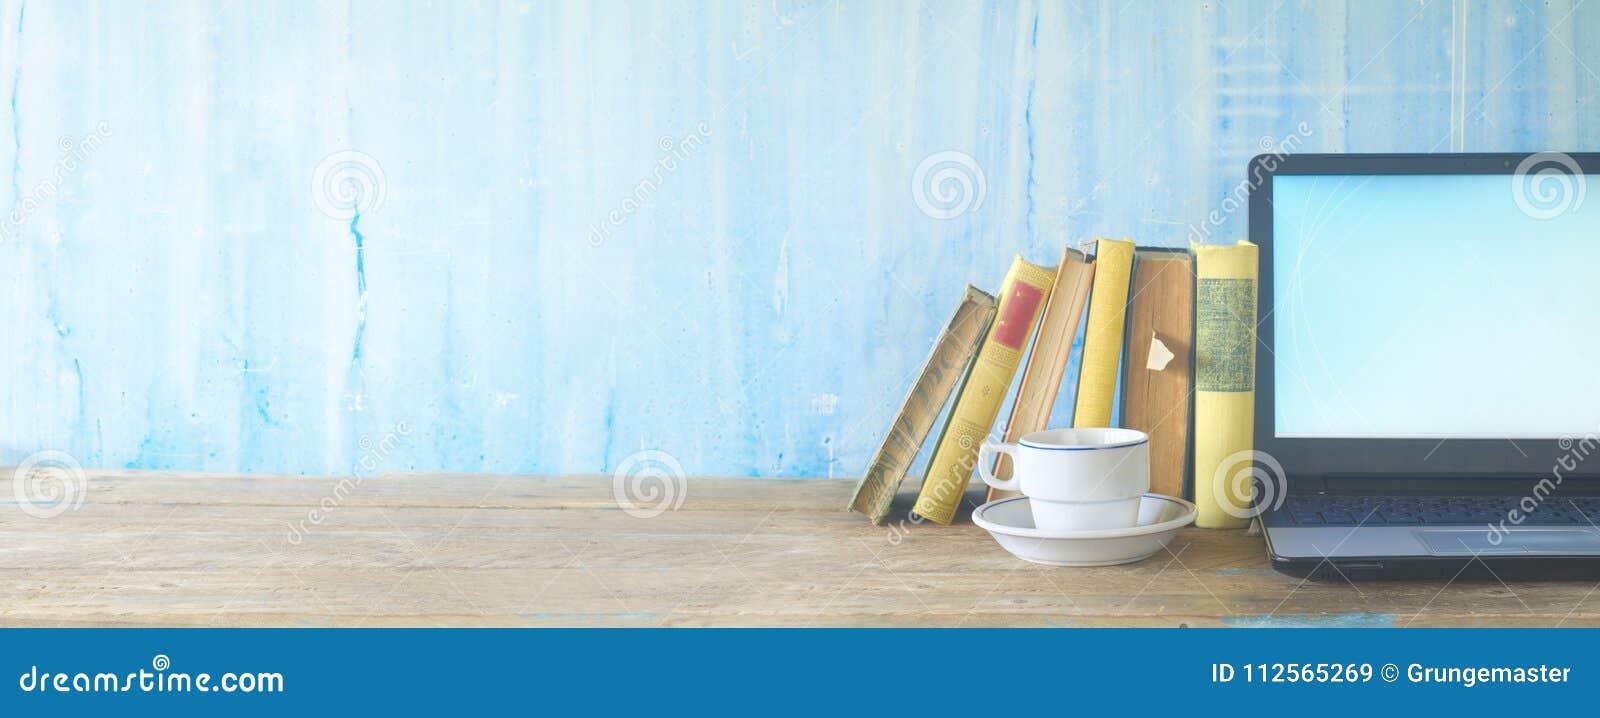 Böcker kopp kaffe och bärbar dator som lär, utbildning